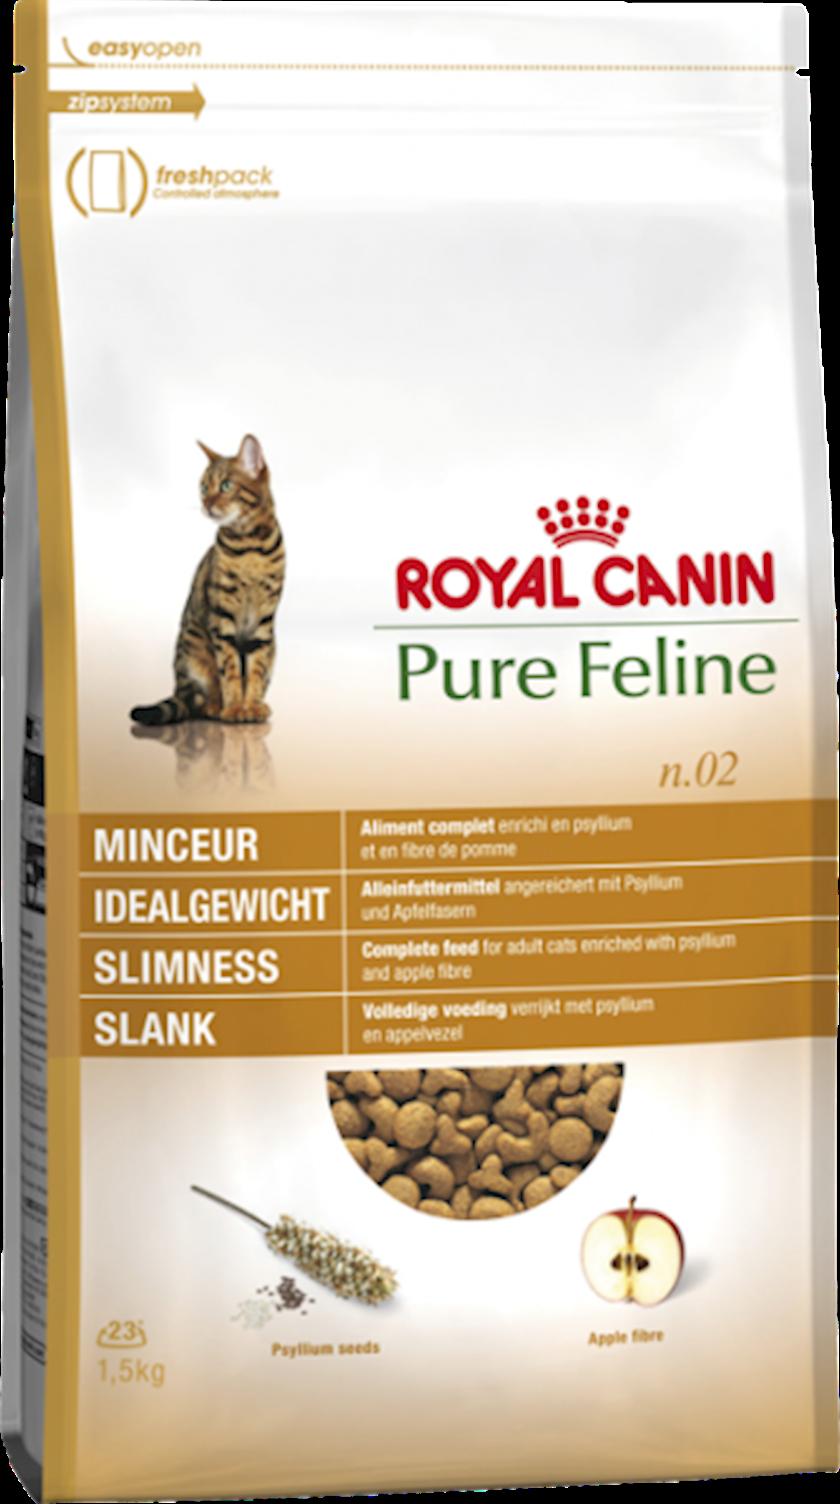 Quru yem Royal Canin No 2 Slimness böyük pişiklər üçün 300 q